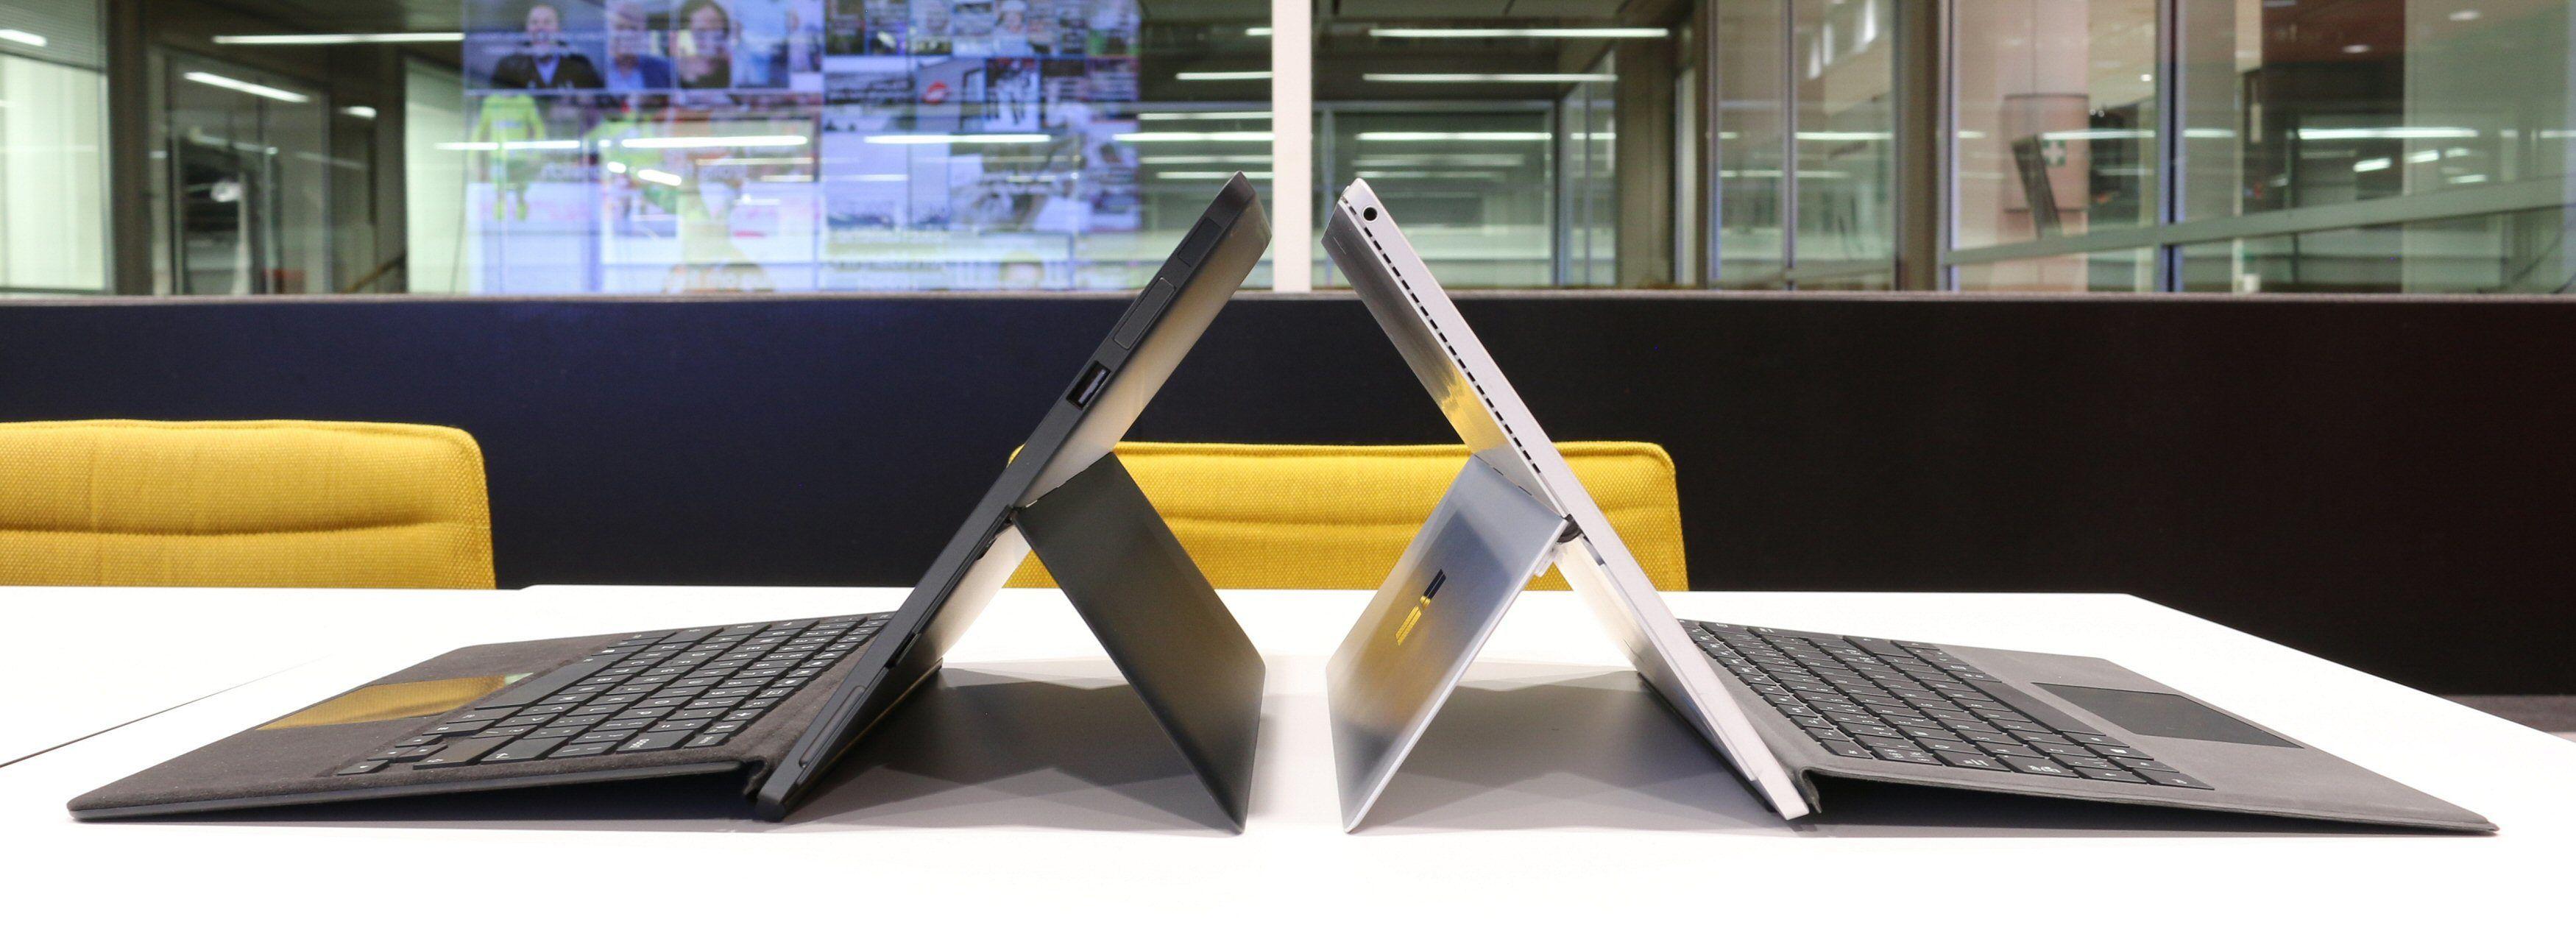 Eve V til venstre, Surface Pro 4 til høyre. Bilde: Vegar Jansen, Tek.no